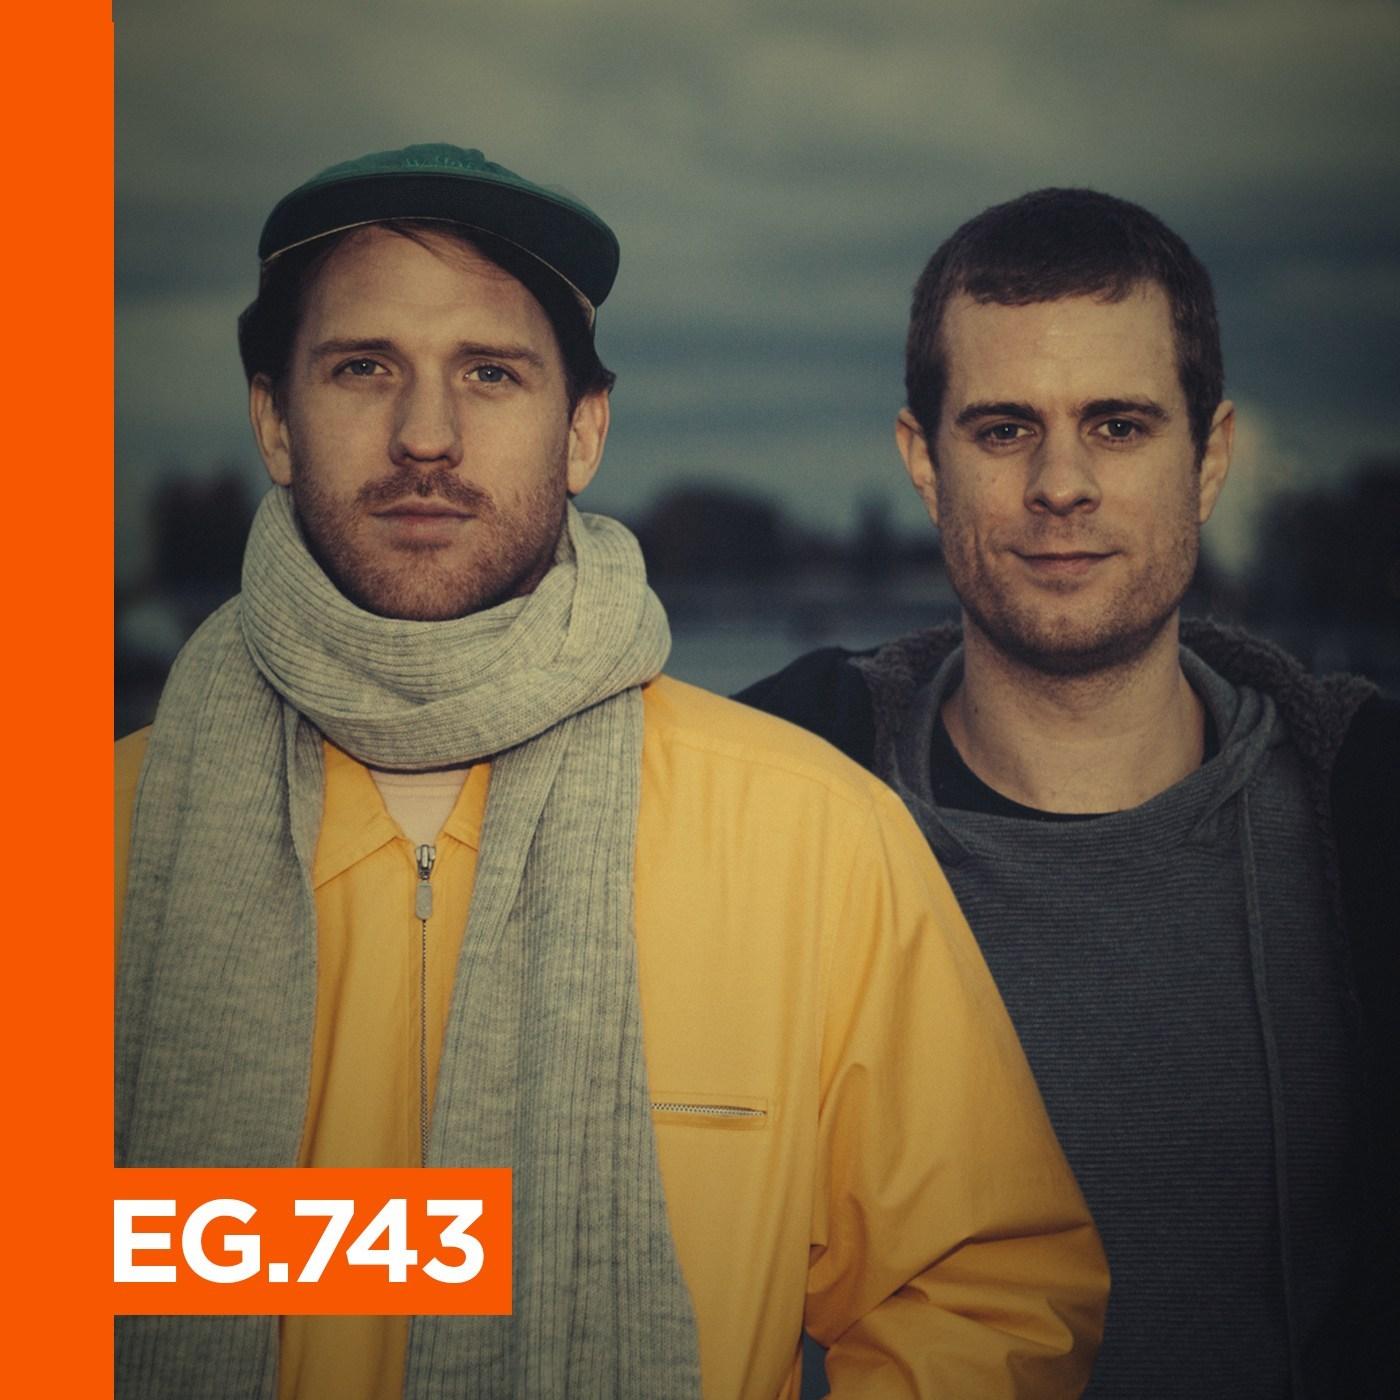 EG743-Stereo.type_